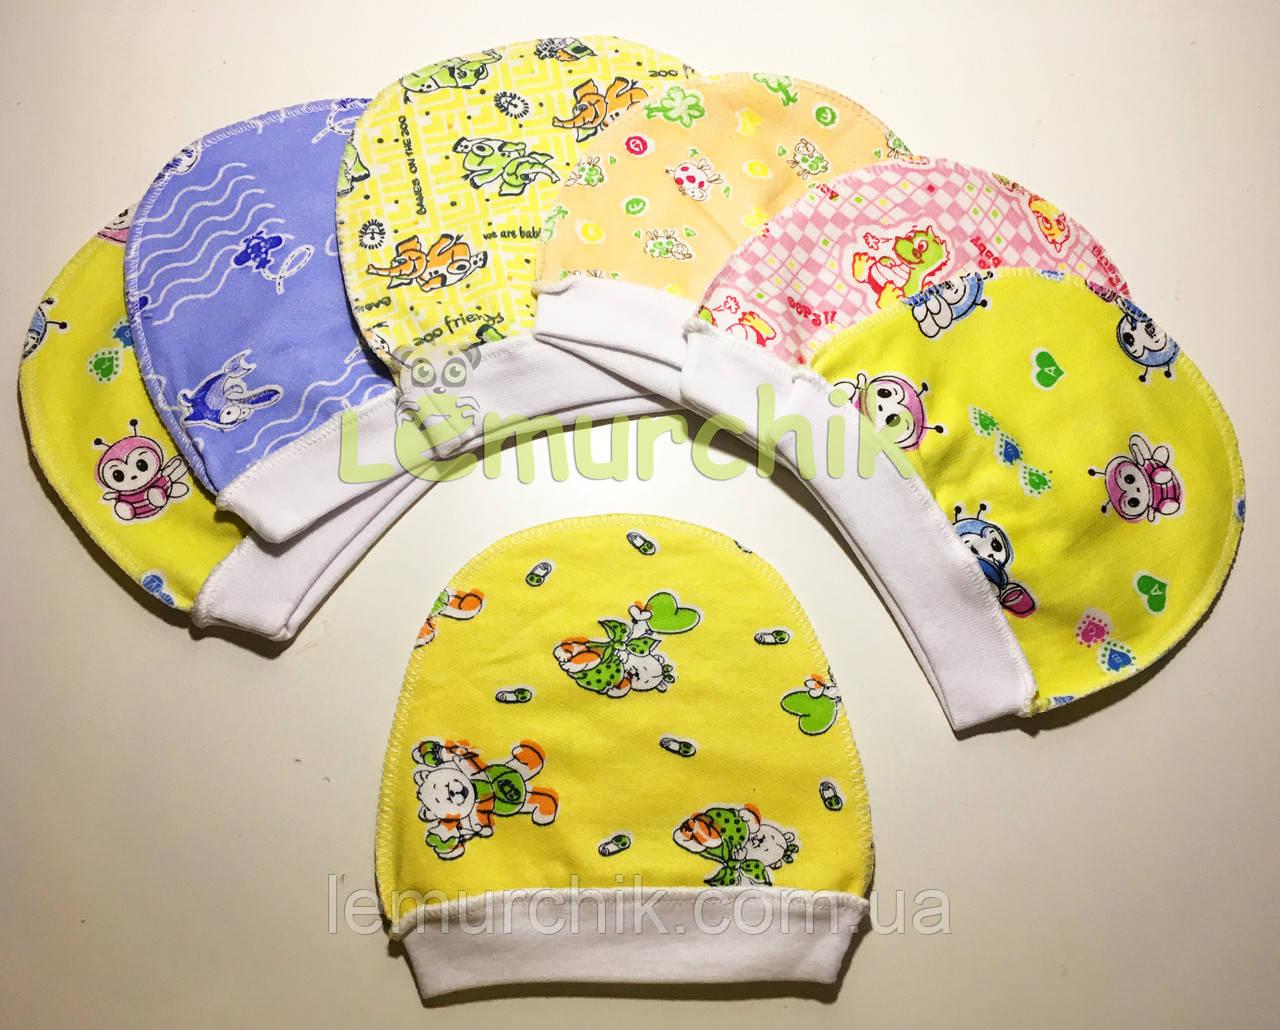 Шапочка-колпачек цветная для новорожденного на резиночке (2+ мес)